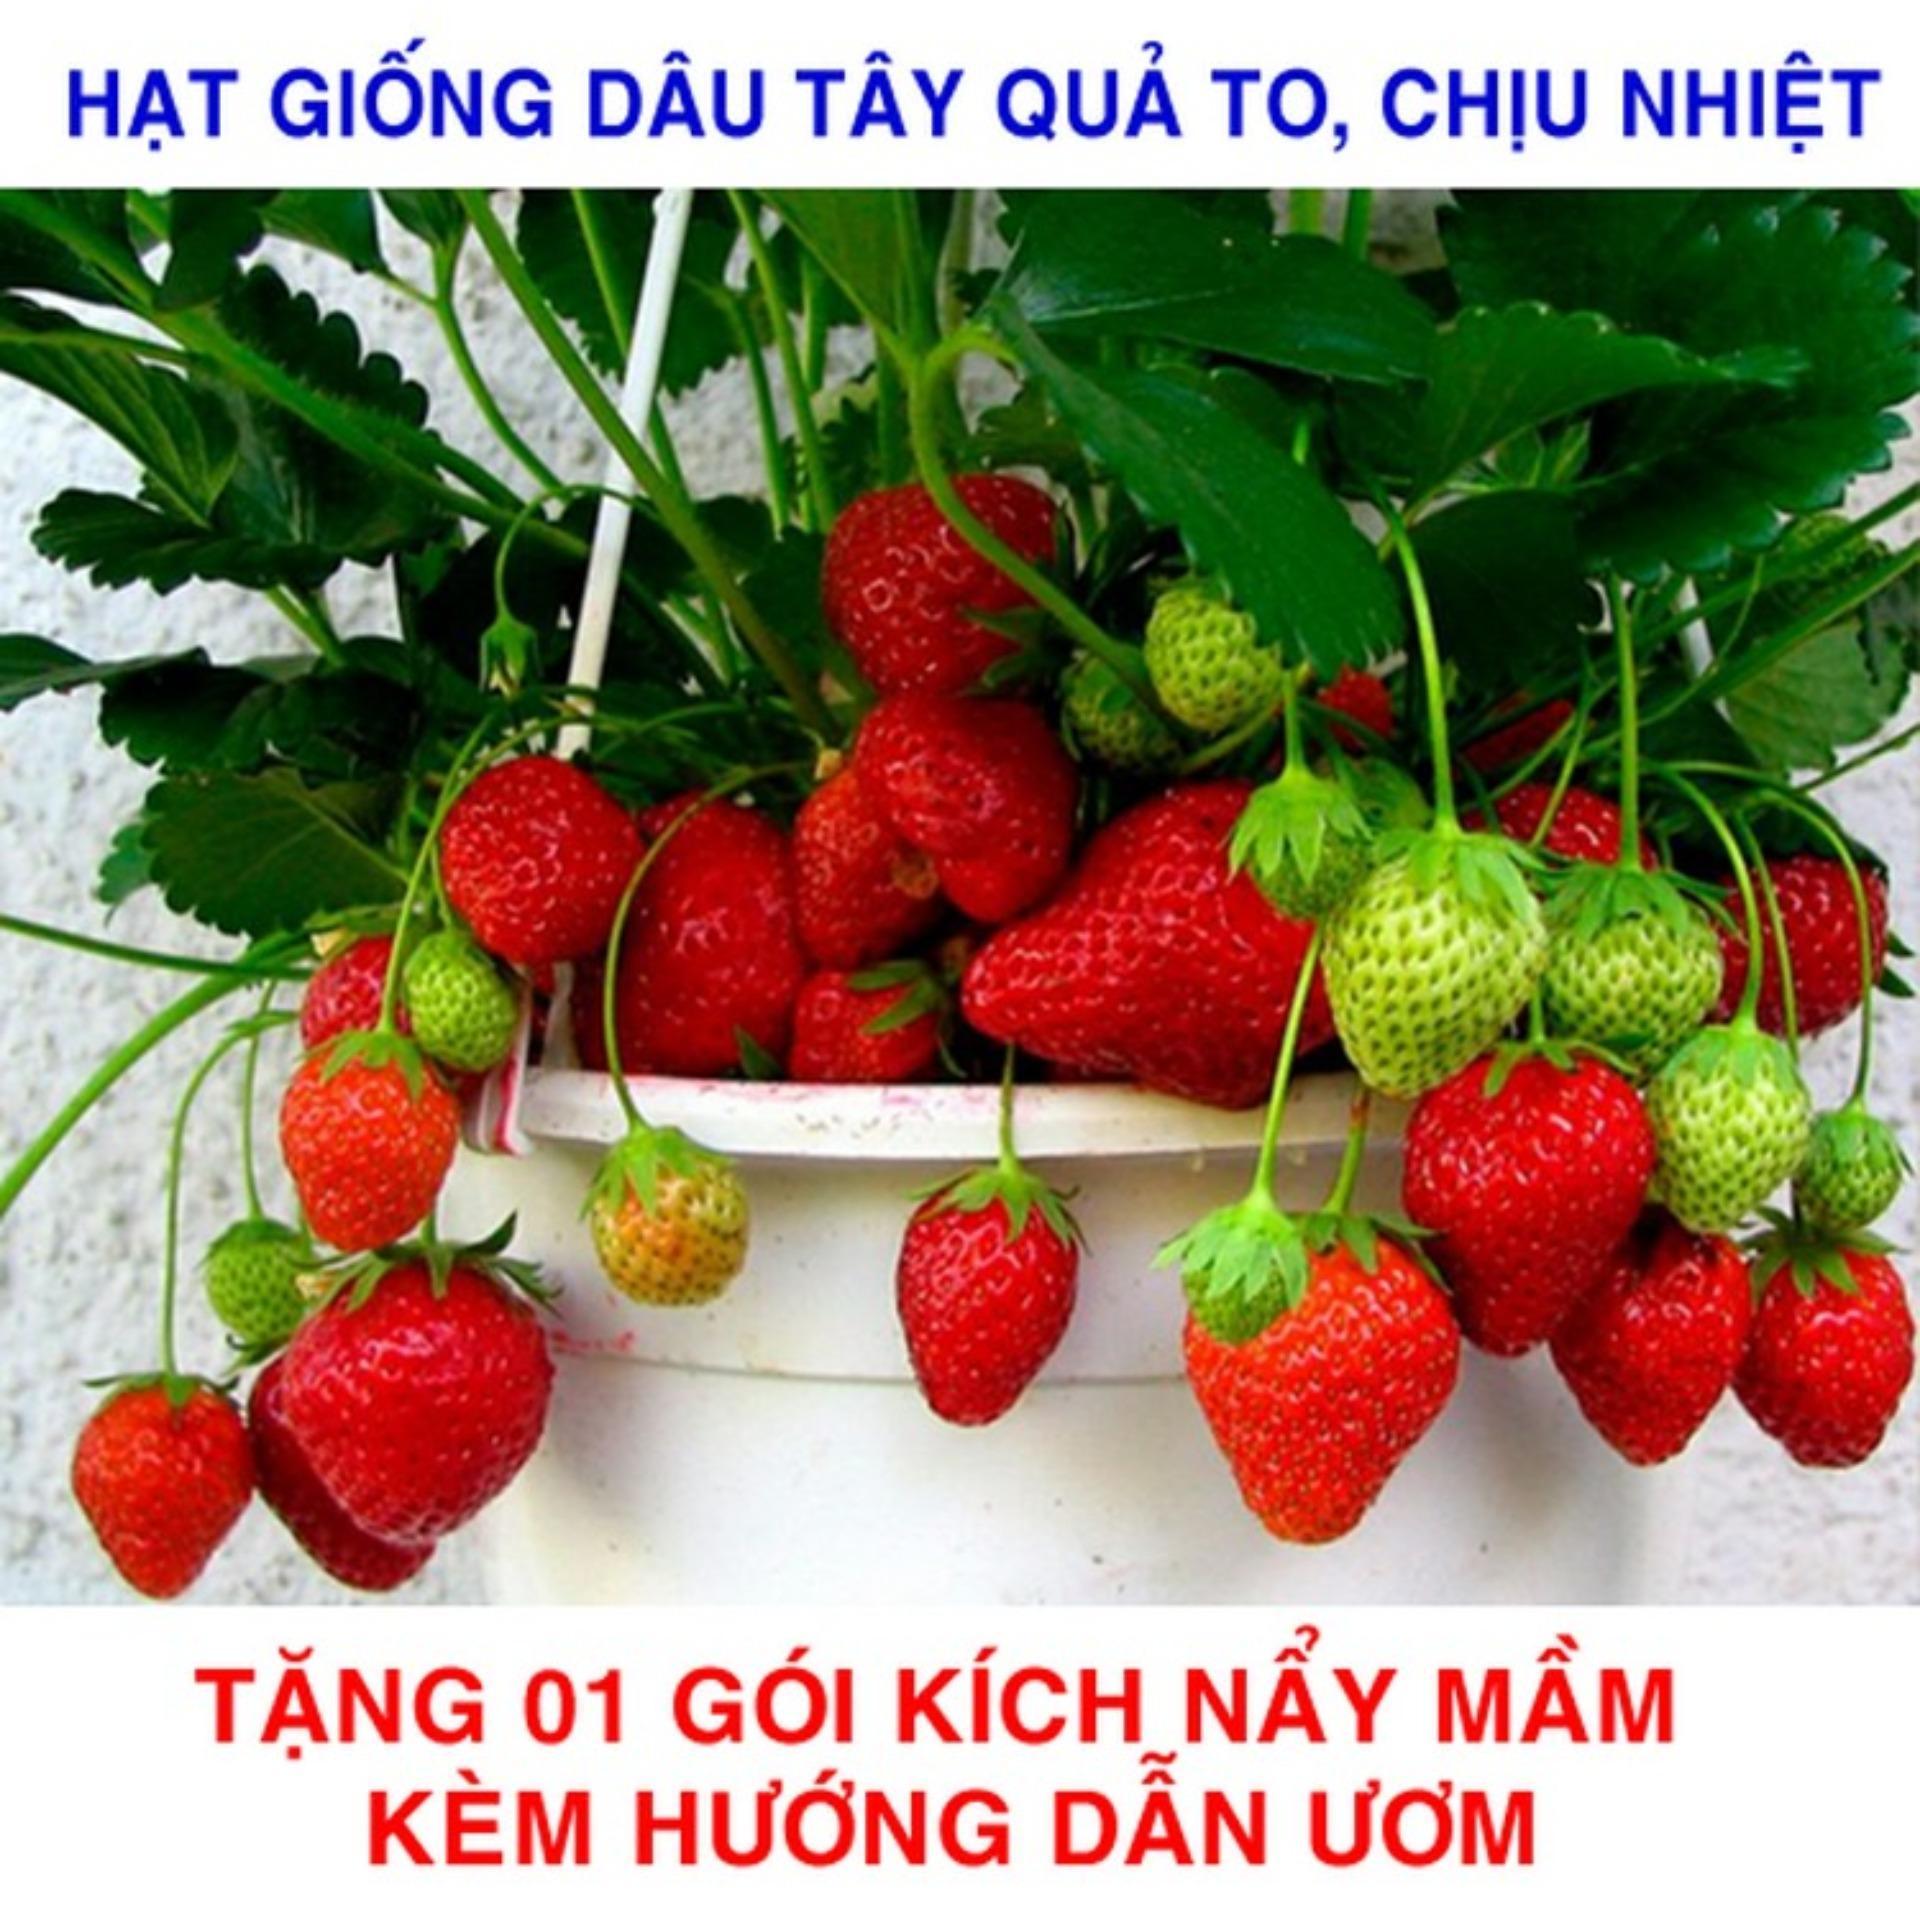 Gói 100 Hạt Giống Dâu Tây đỏ Quả To, Chịu Nhiệt (tặng Gói Kích Nẩy Mầm Và Hướng Dẫn) By Thảo Nguyên Garden.